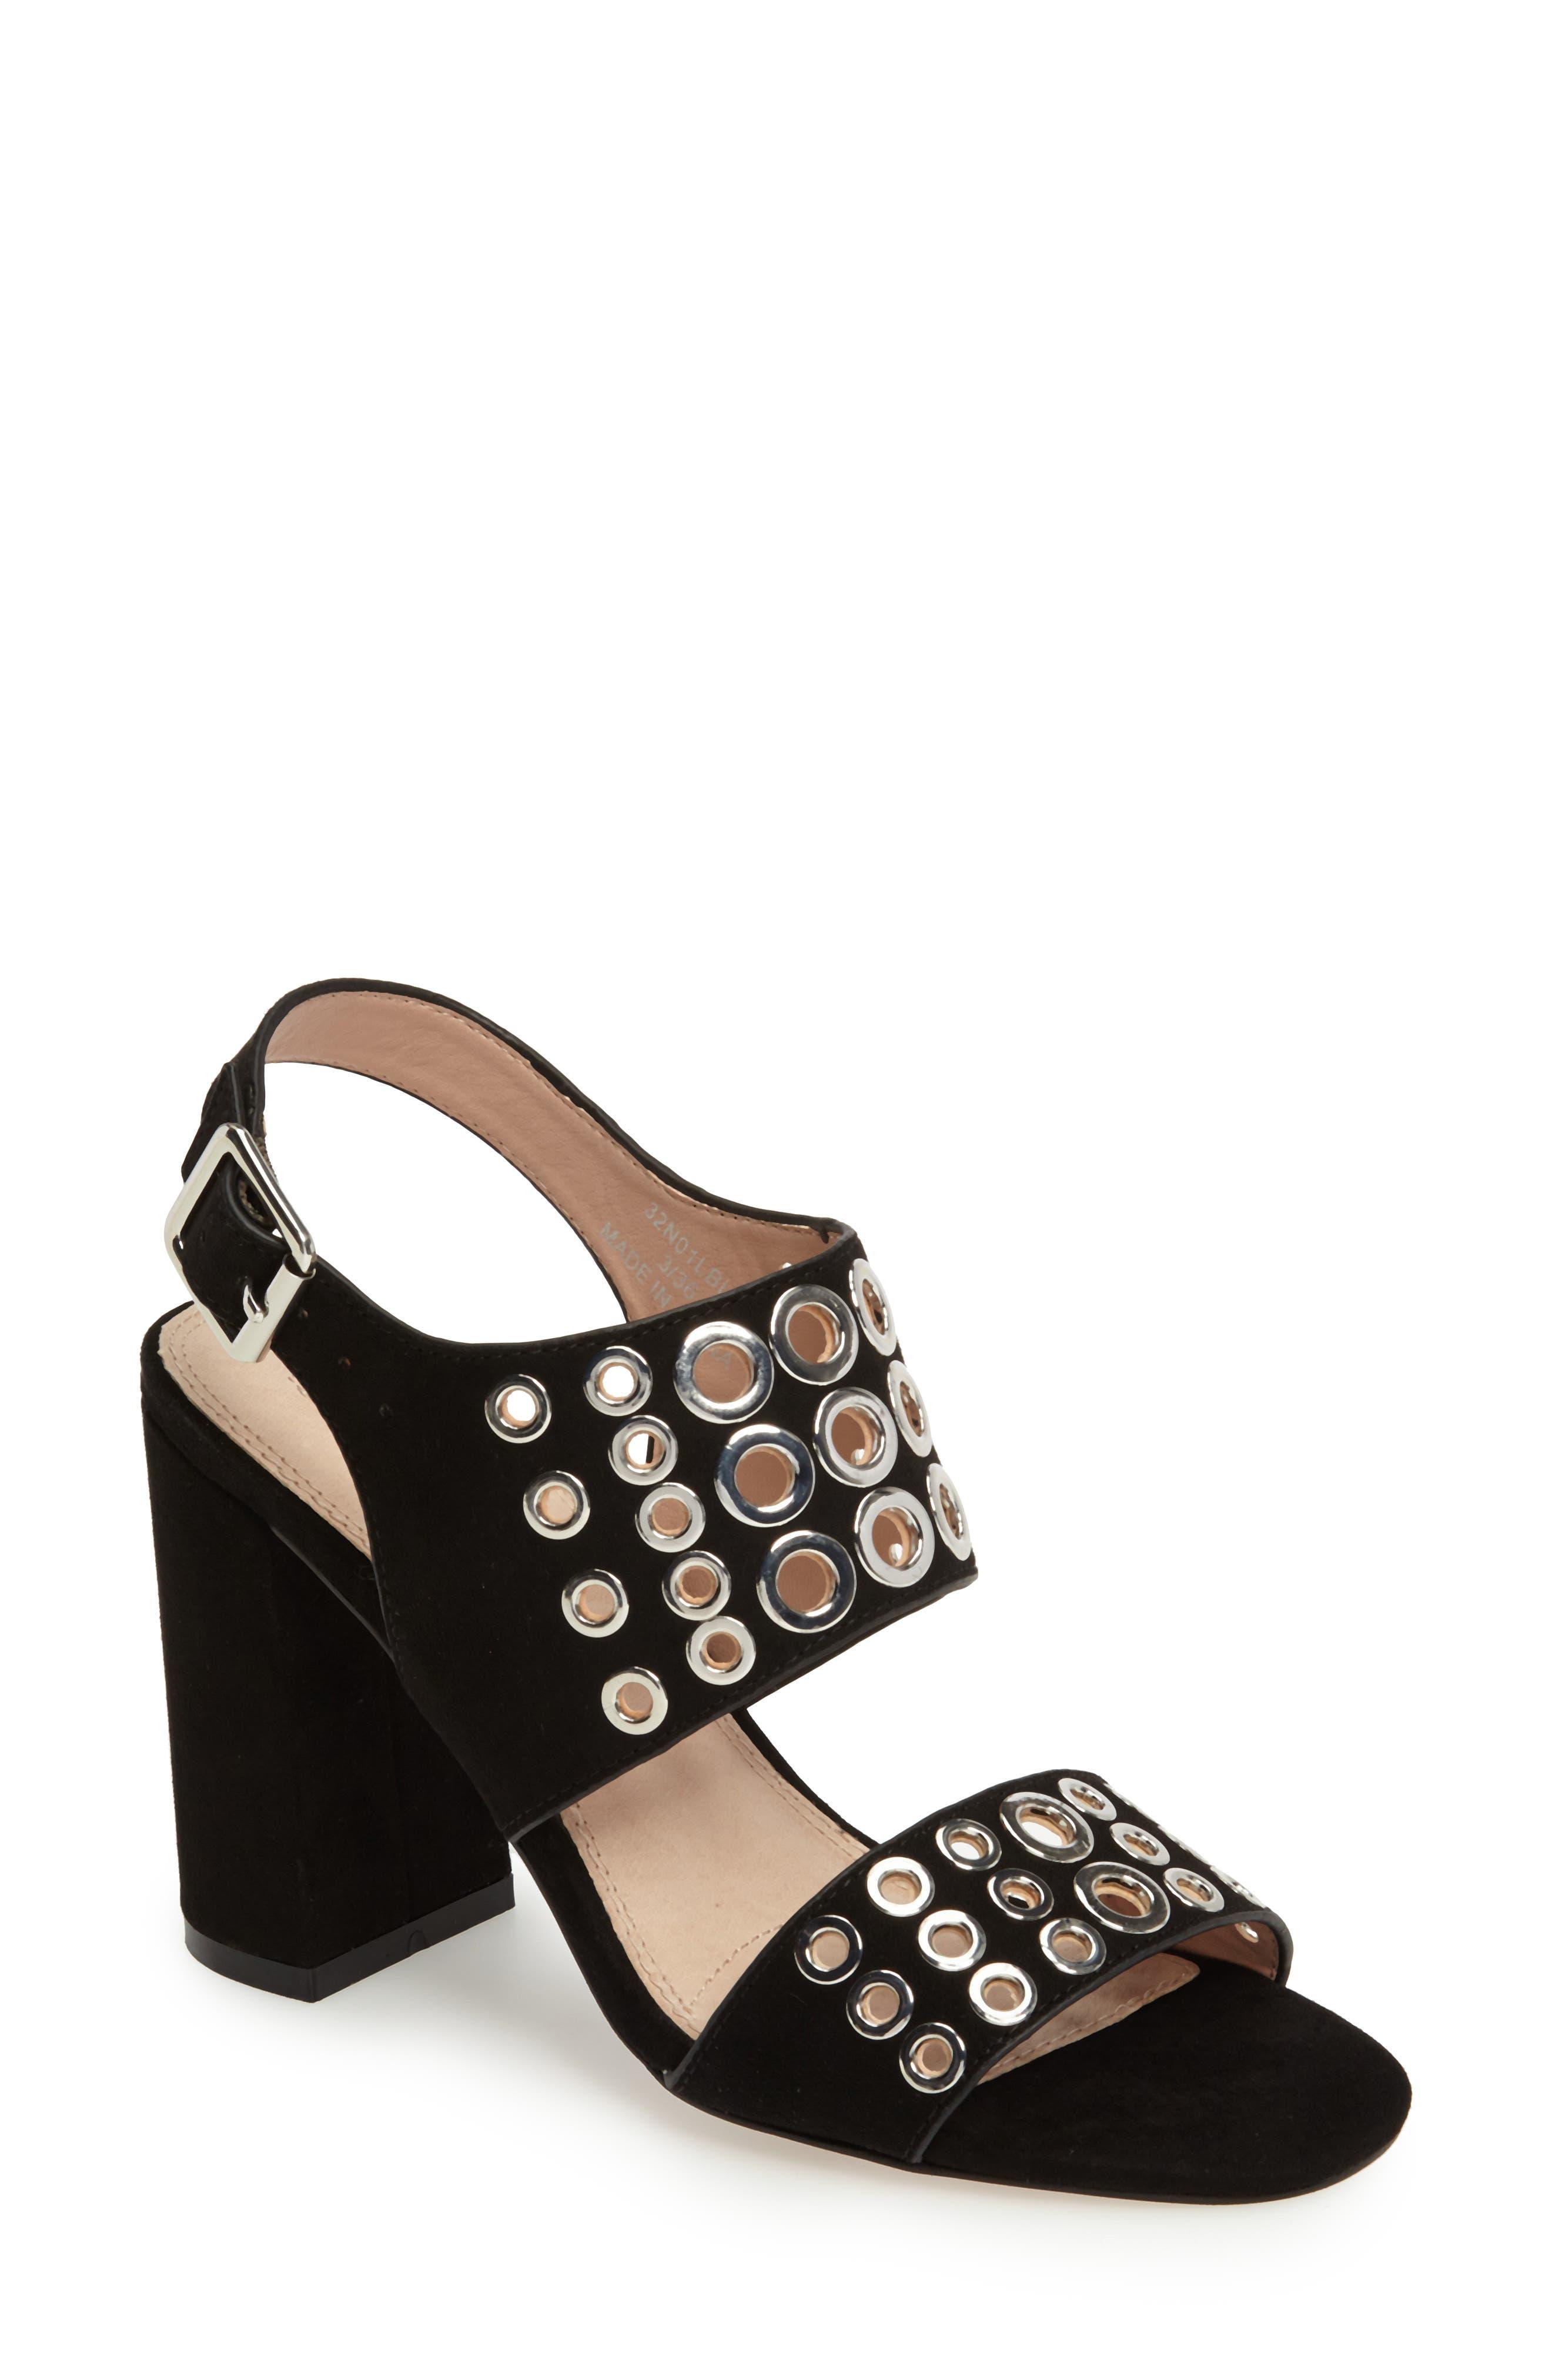 Alternate Image 1 Selected - Topshop Nadia Rivet Block Heel Sandal (Women)